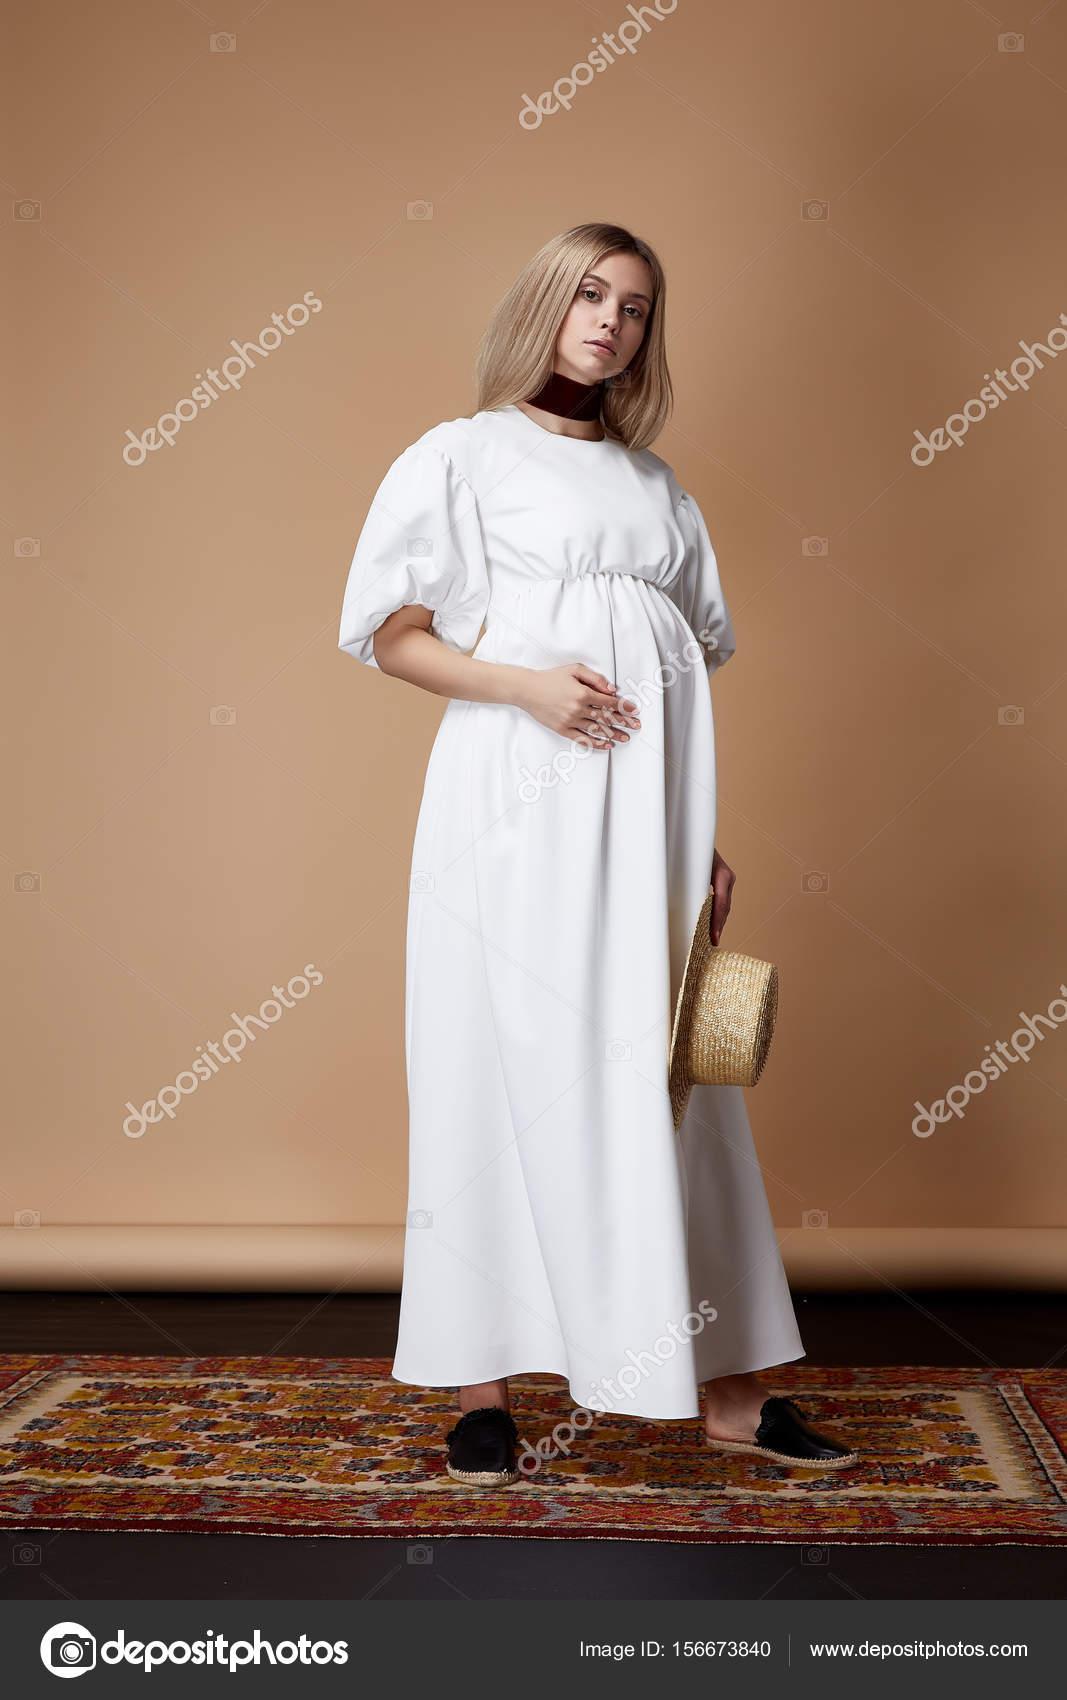 18bc8f5e9f46e4d Красивые элегантные беременная женщина белокурые волосы носить стиль мода  длинные белые платье для матери держать в руке животик ждать довольно леди  Одежда ...